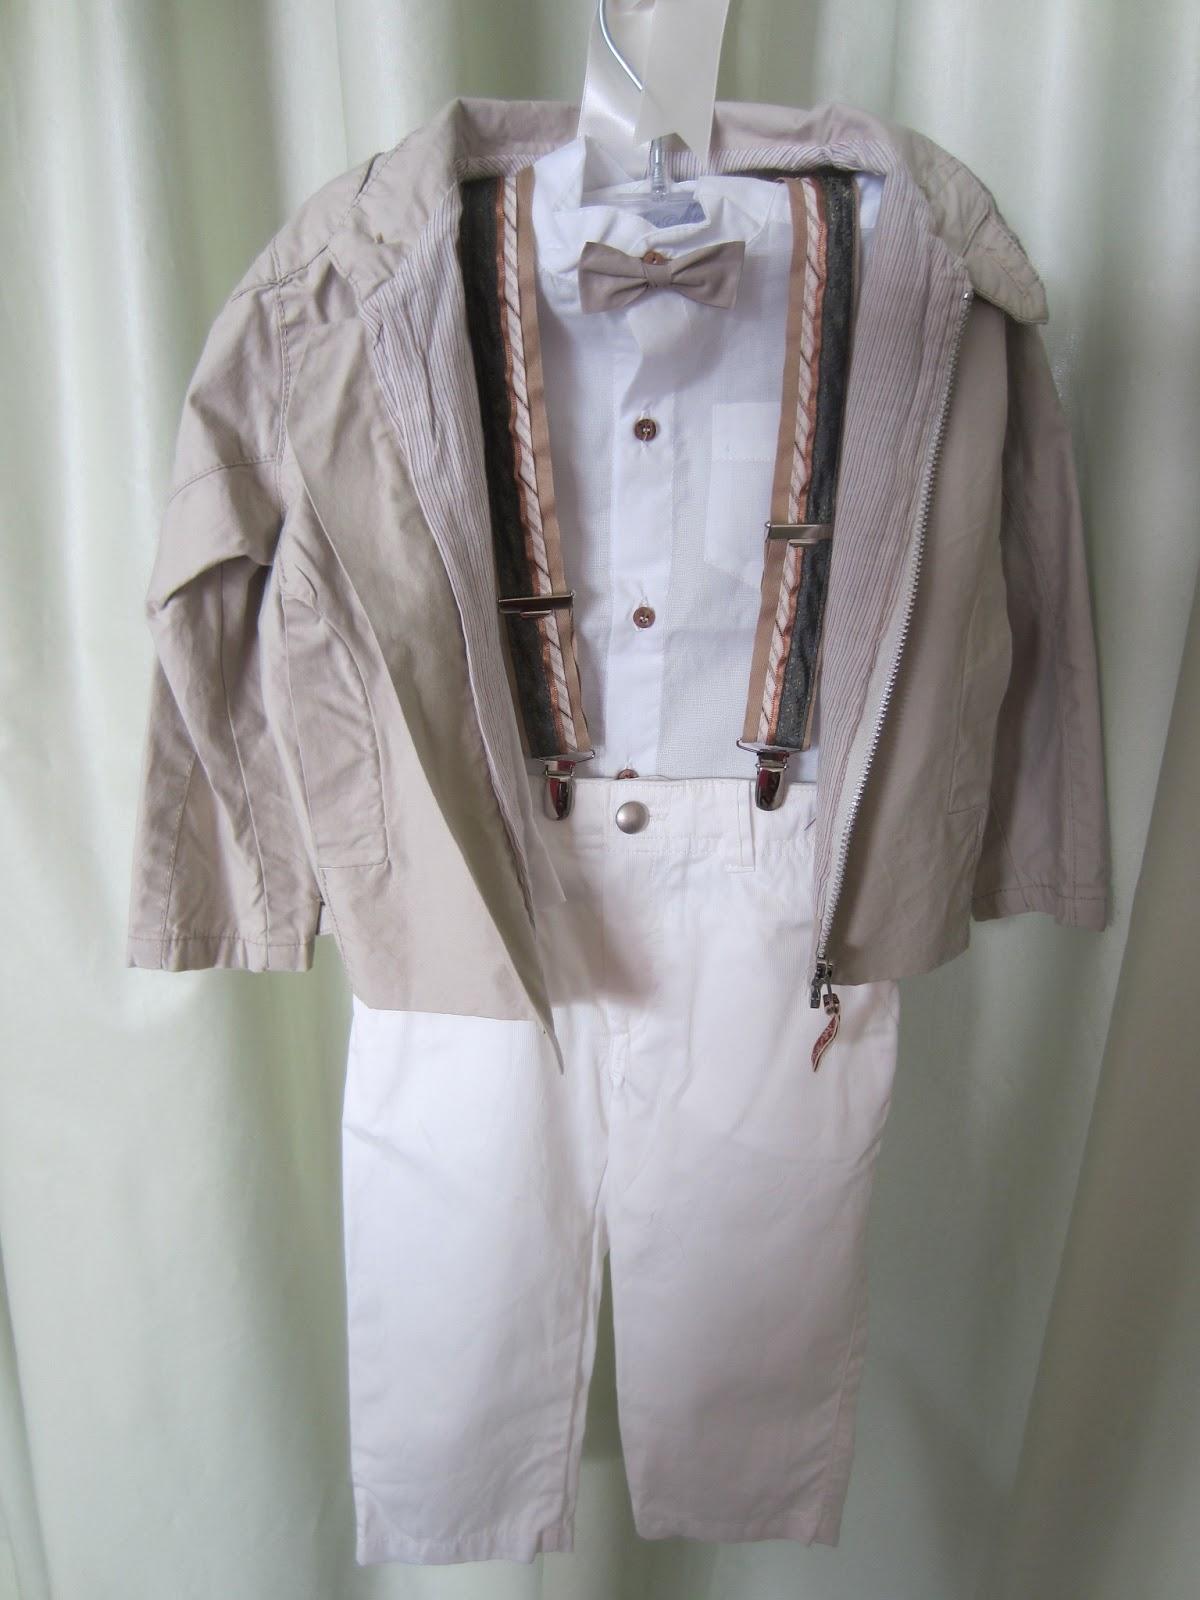 60a42ebf208 Παντελόνι, πουκάμισο, παπιόν, τιράντες, σακάκι και καπέλο. Νο 1. Τιμή: 60  ευρώ.